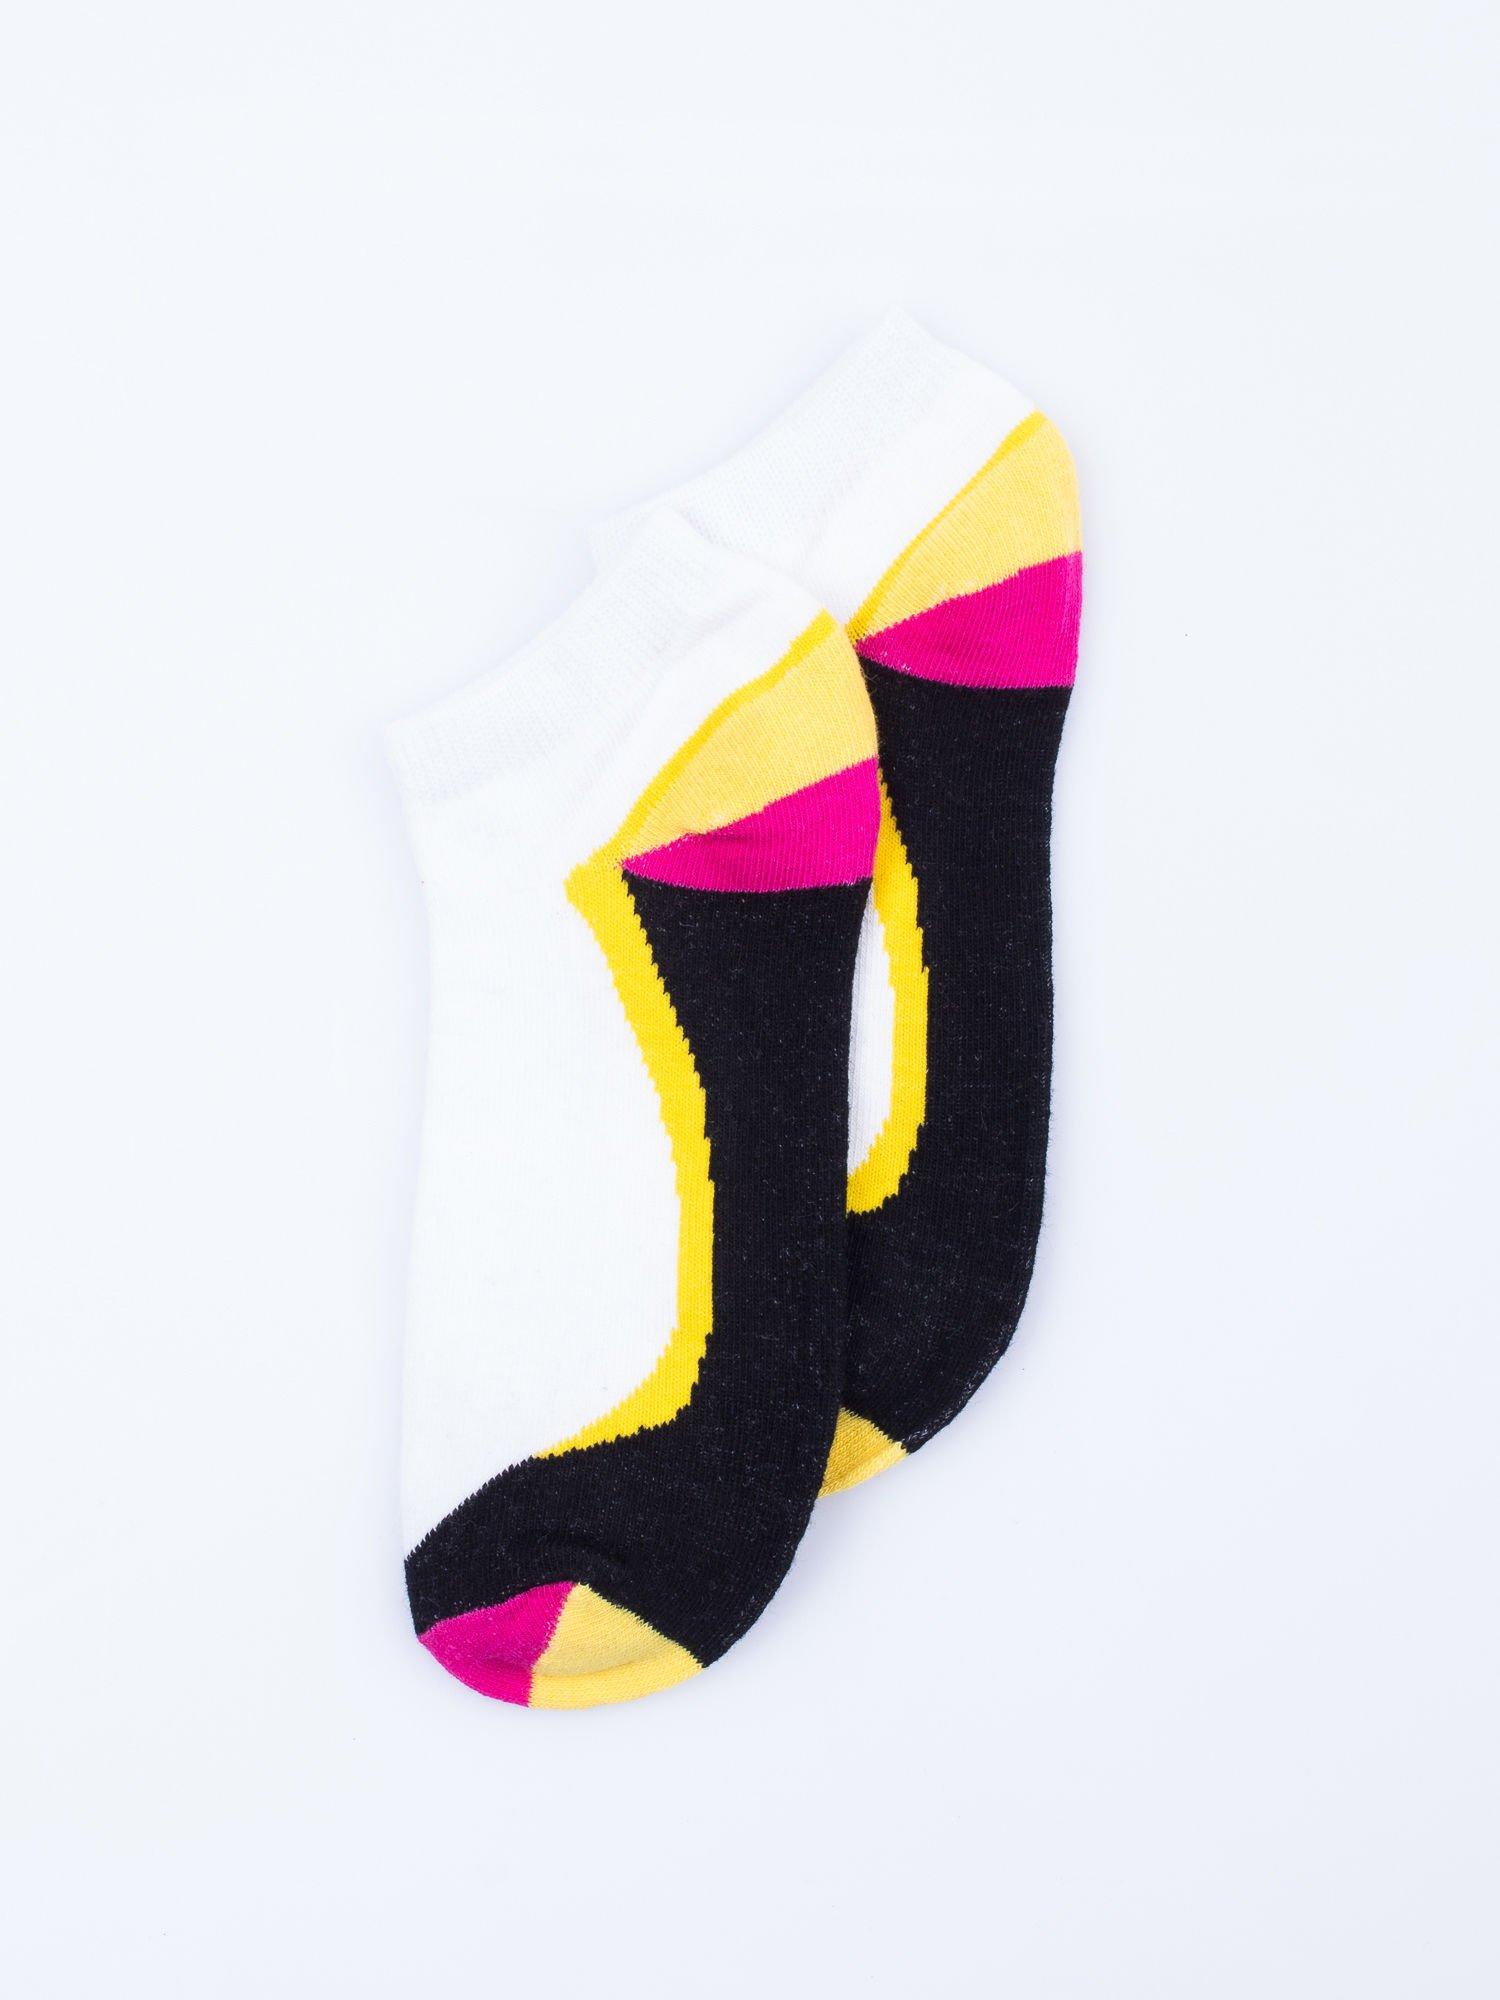 Skarpetki damskie stopki niebieski-żółty zestaw 2 pary                                  zdj.                                  5